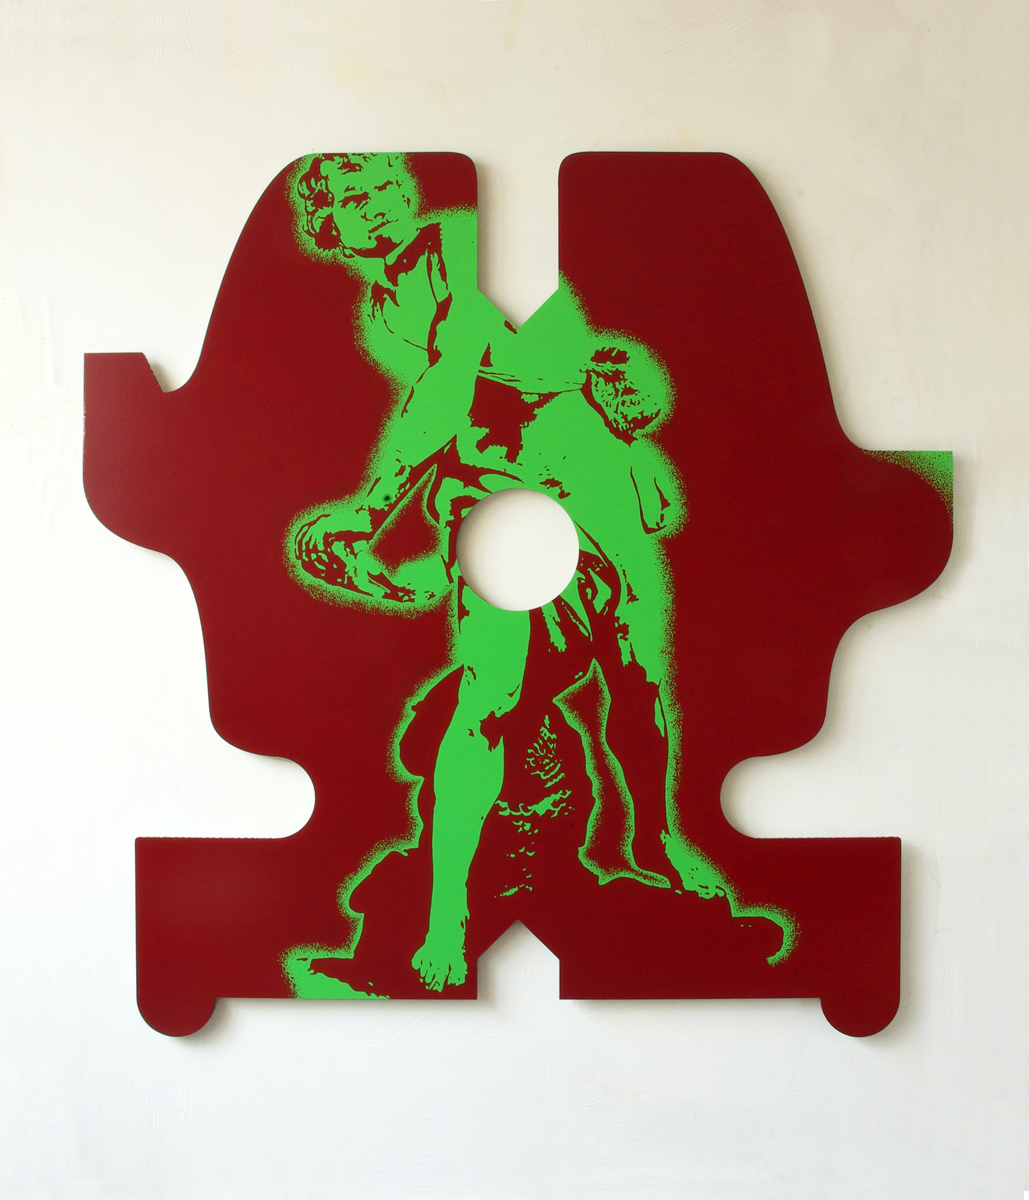 Plutôt fronder que d'être berné, 2012, acrylique sur aluminium, 148 x 148 cm